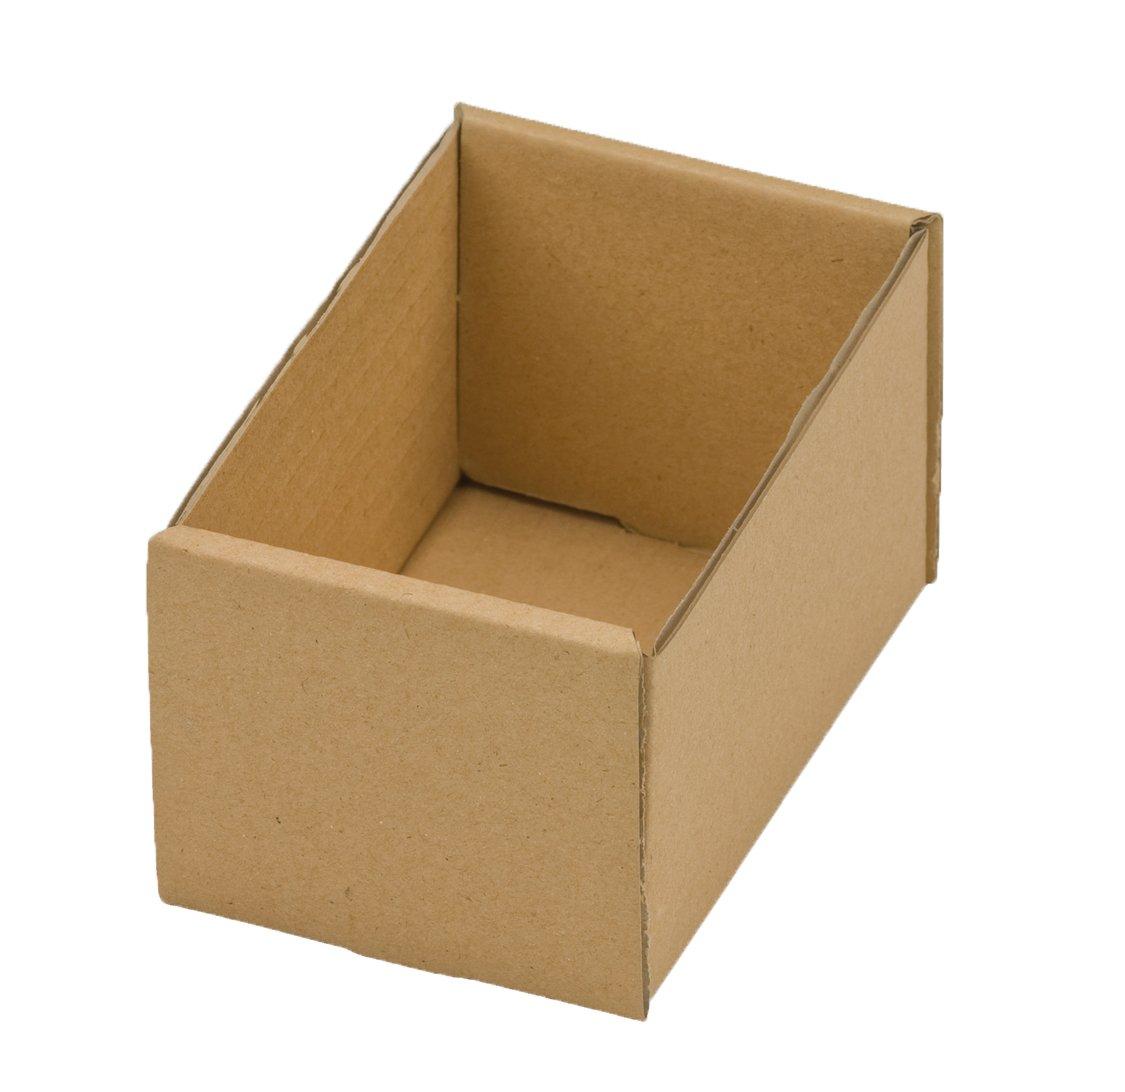 NIPS ODO 180/80-7 117356114 - Bandejas para documentos (180 x 80 x 70 mm, 20 unidades, cartón corrugado), color marrón NIPS Ordnungssysteme GmbH